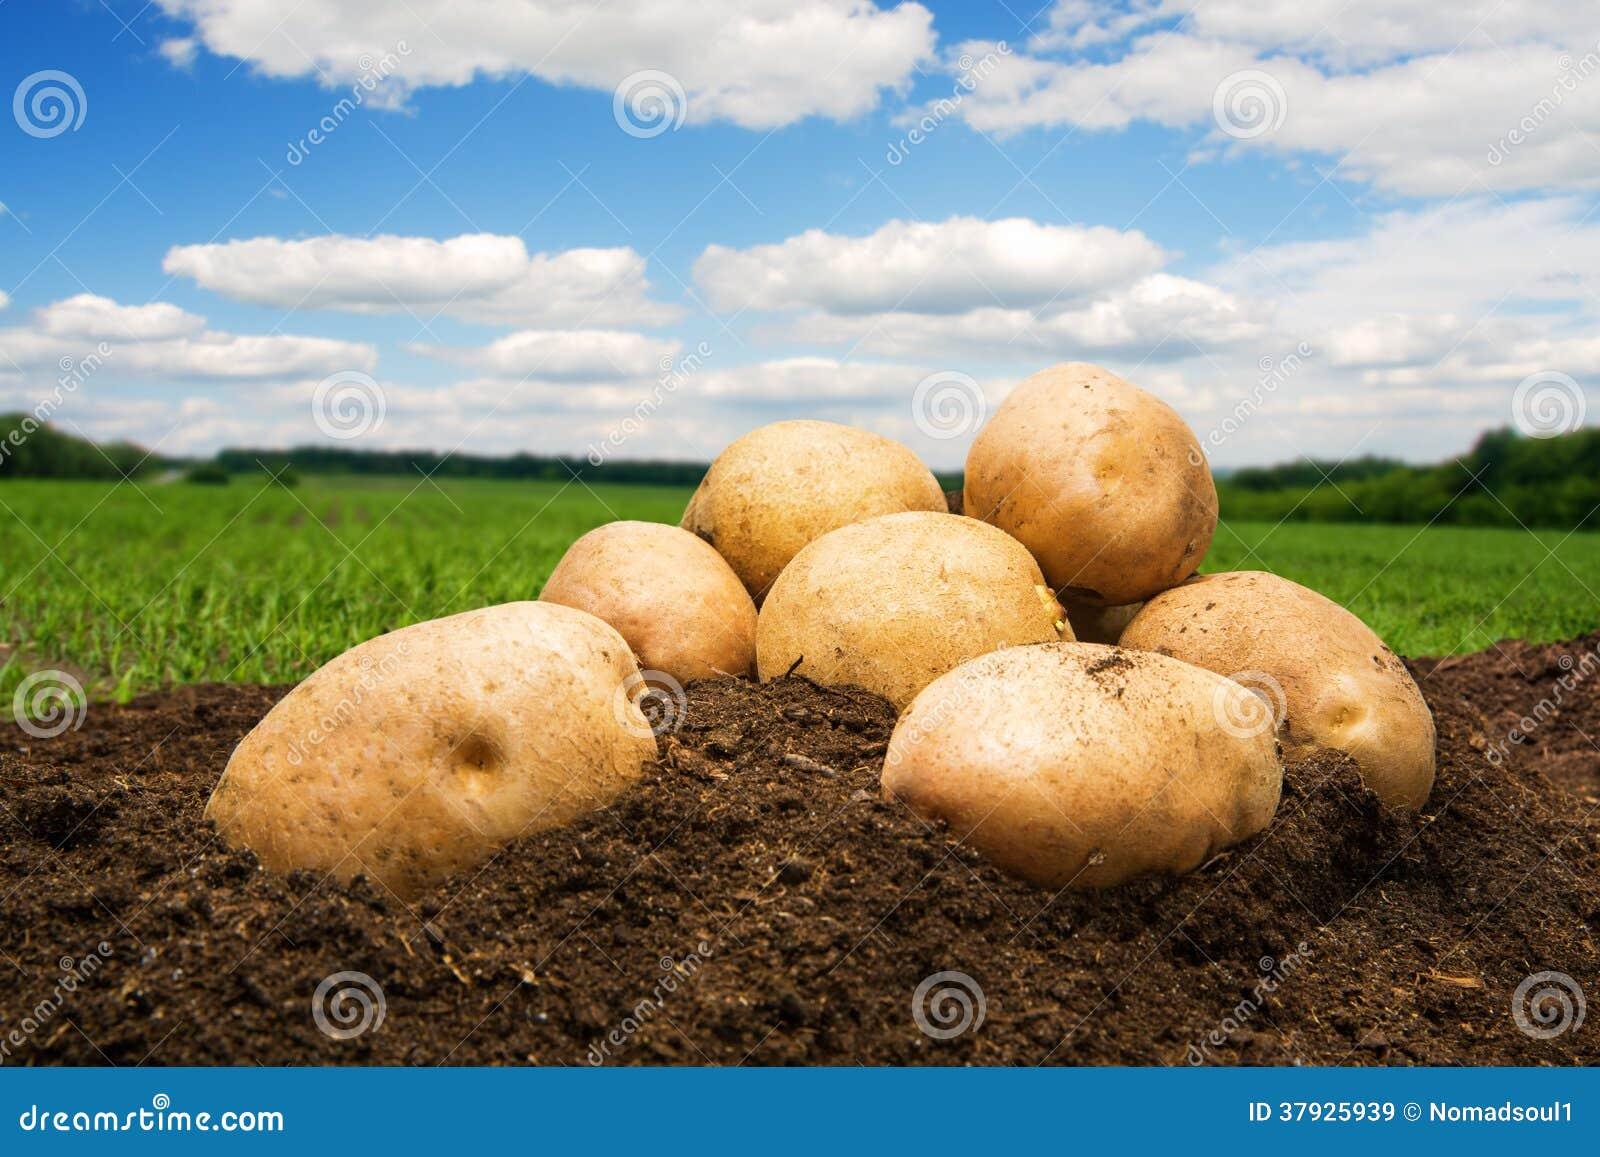 Картошки на том основании под небом